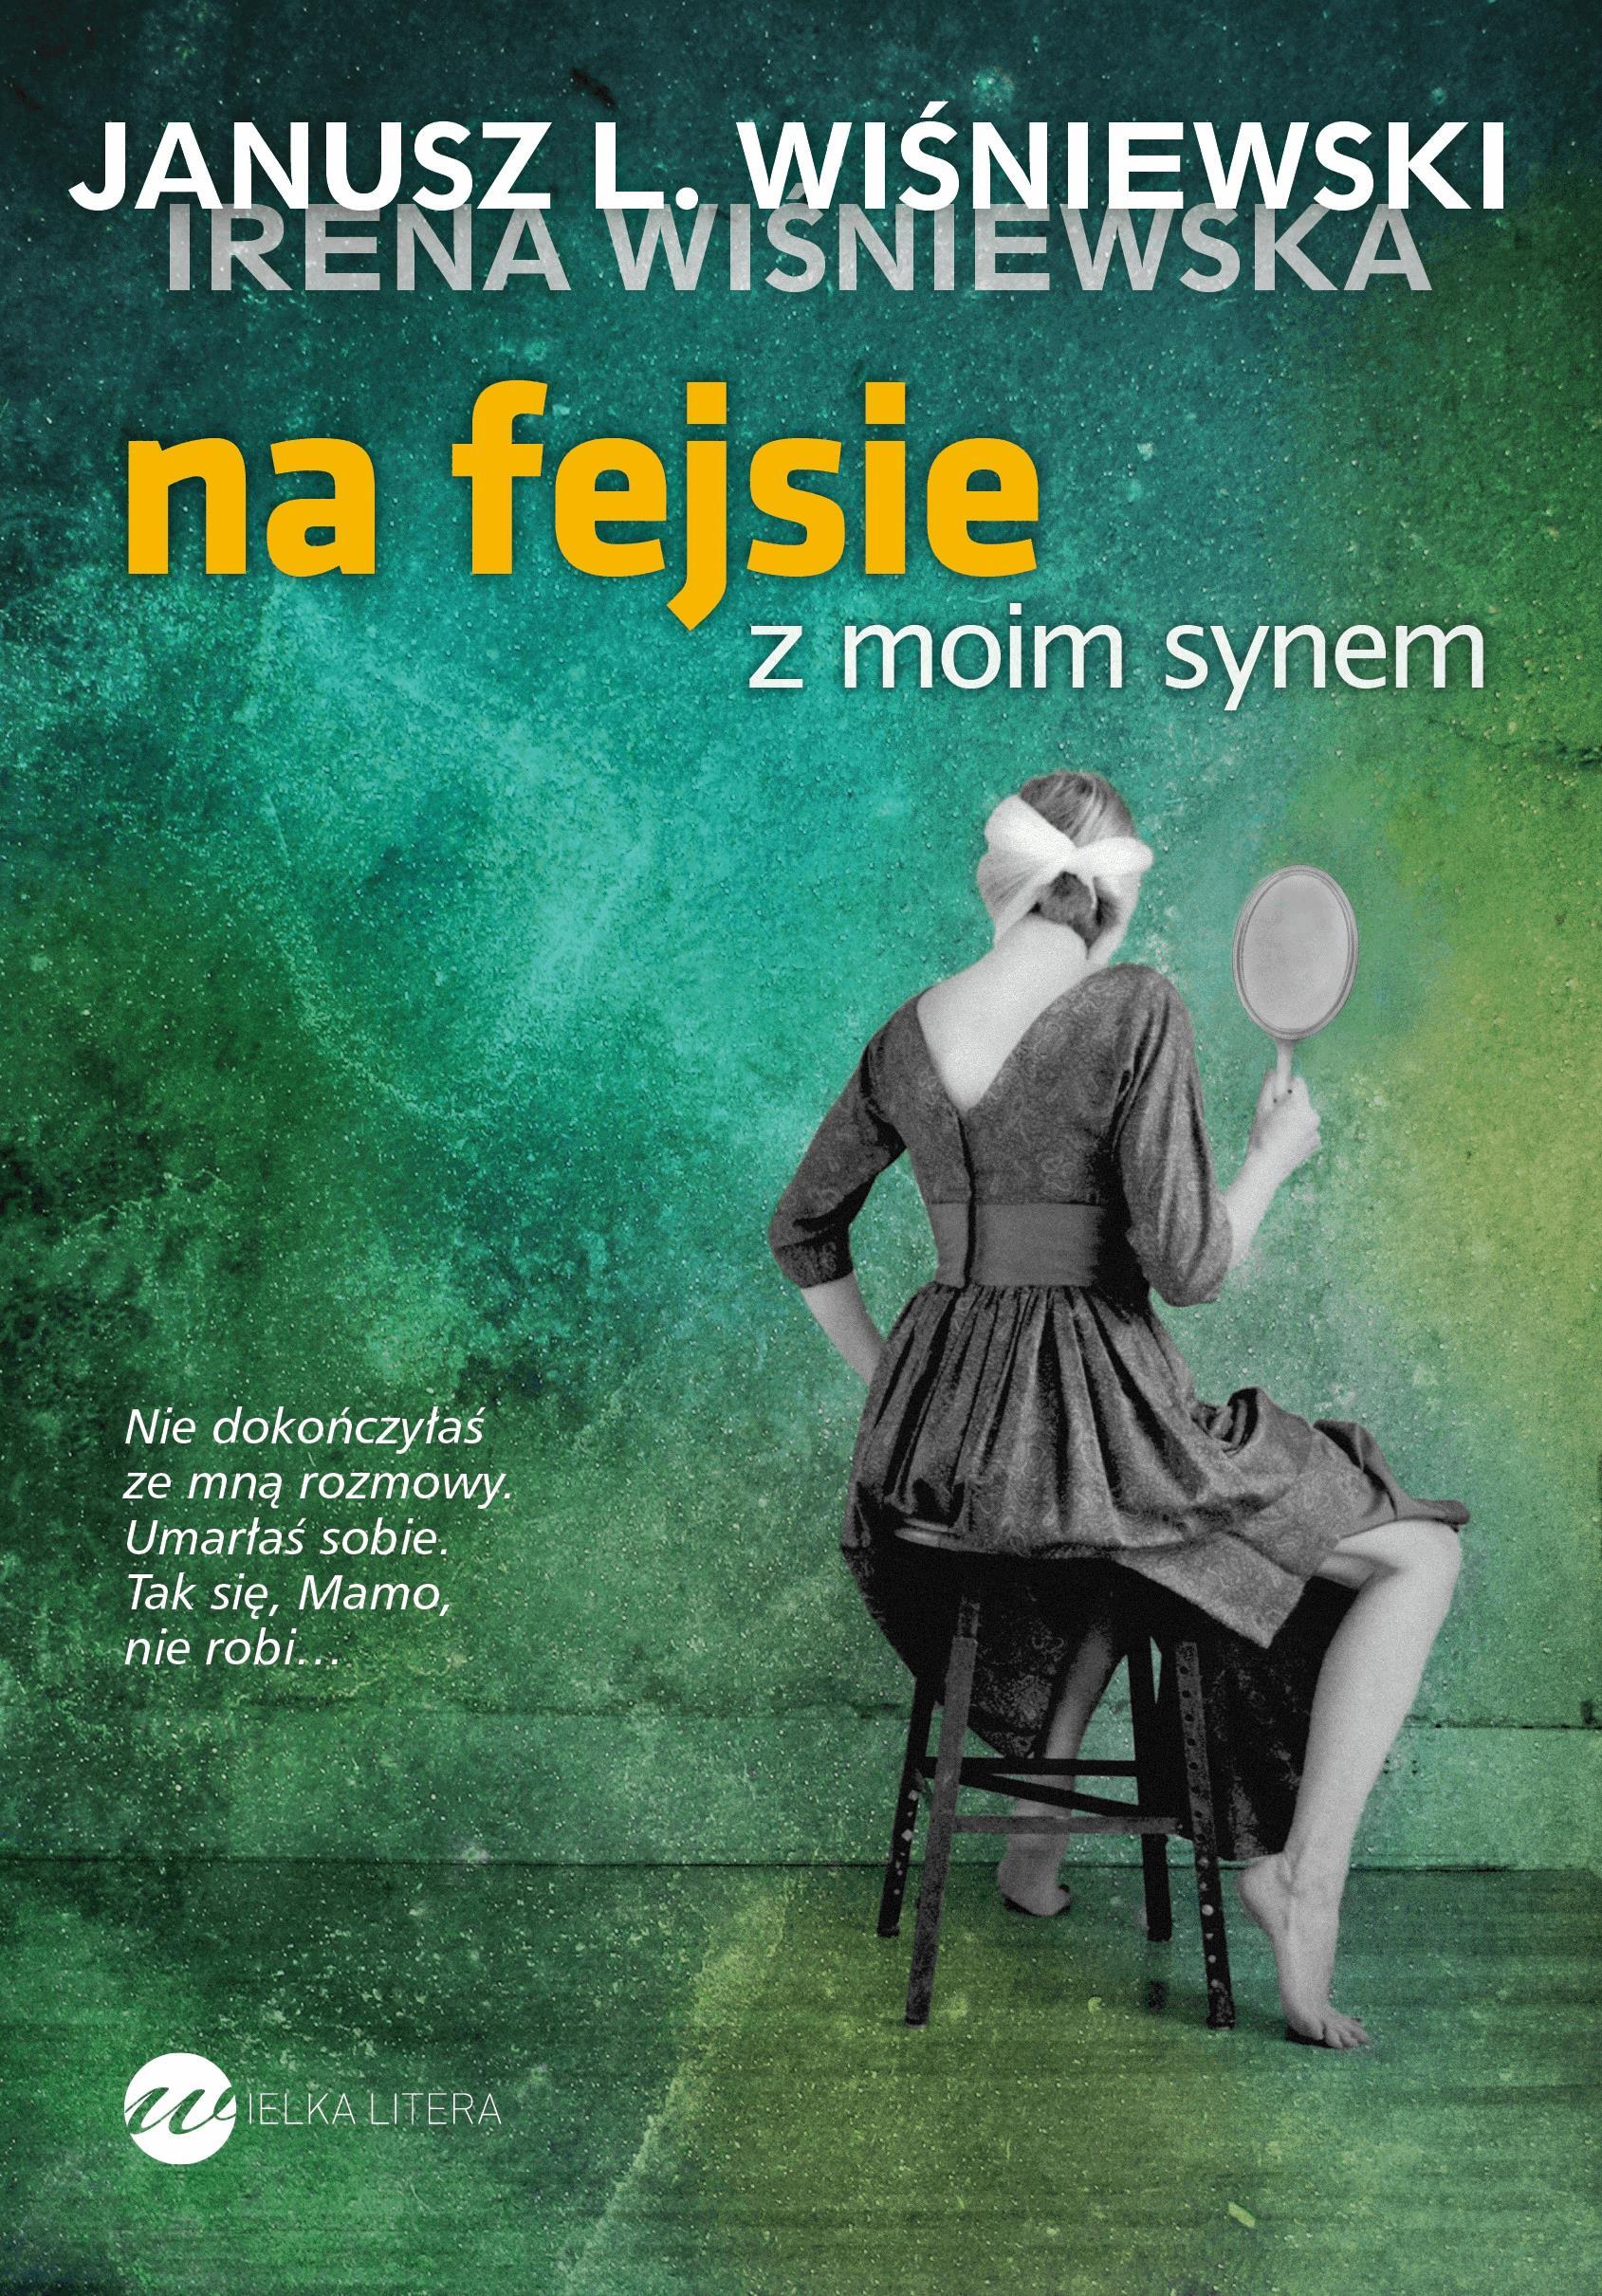 Na fejsie z moim synem - Tylko w Legimi możesz przeczytać ten tytuł przez 7 dni za darmo. - Janusz L. Wiśniewski